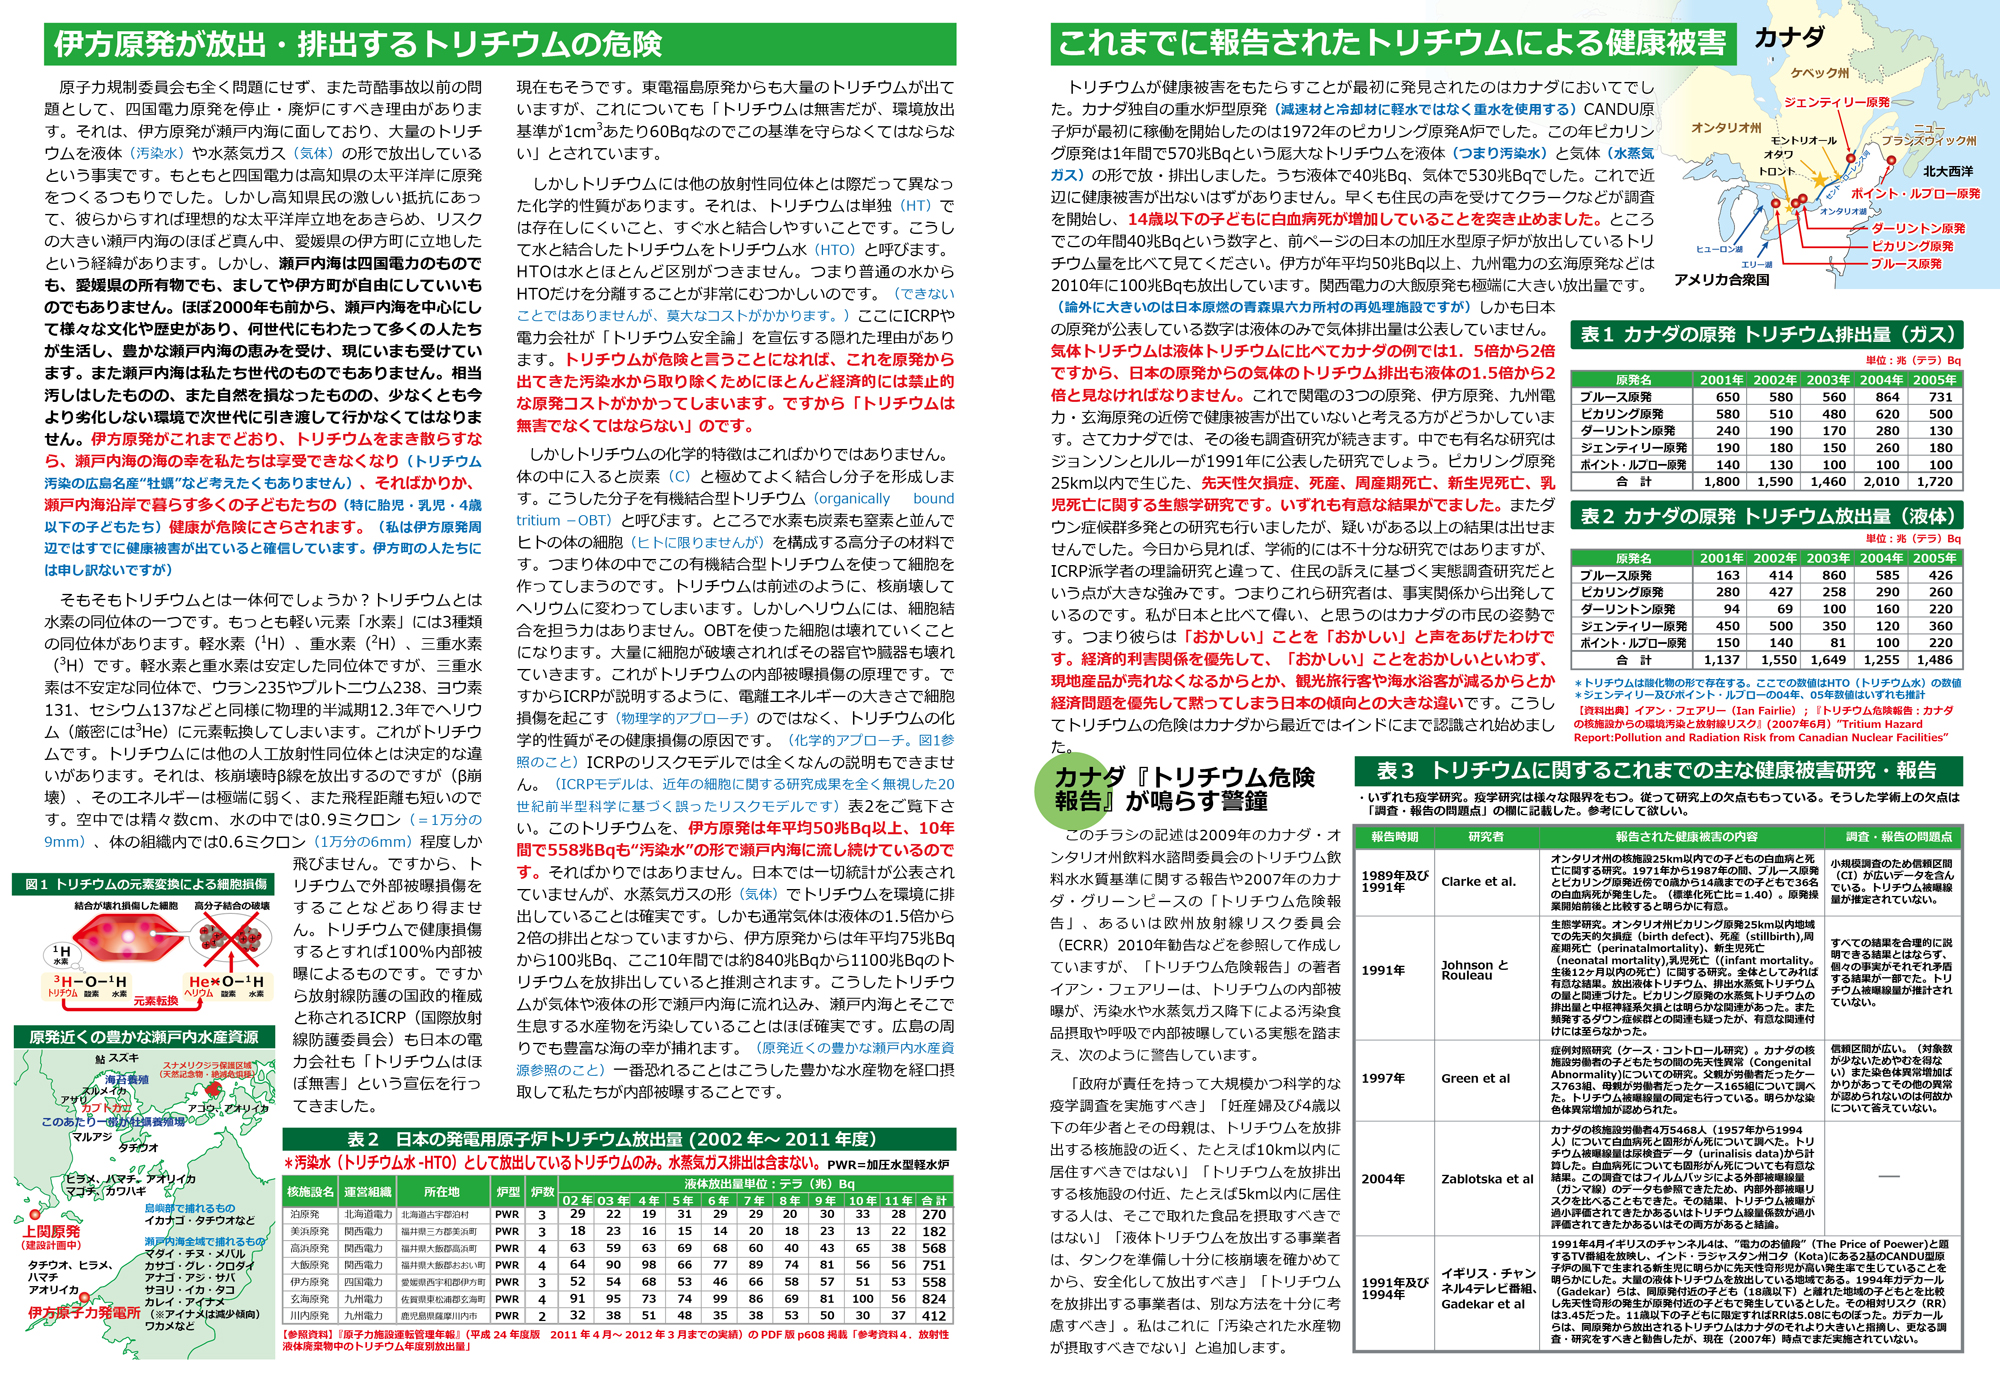 ファイル 141-2.jpg